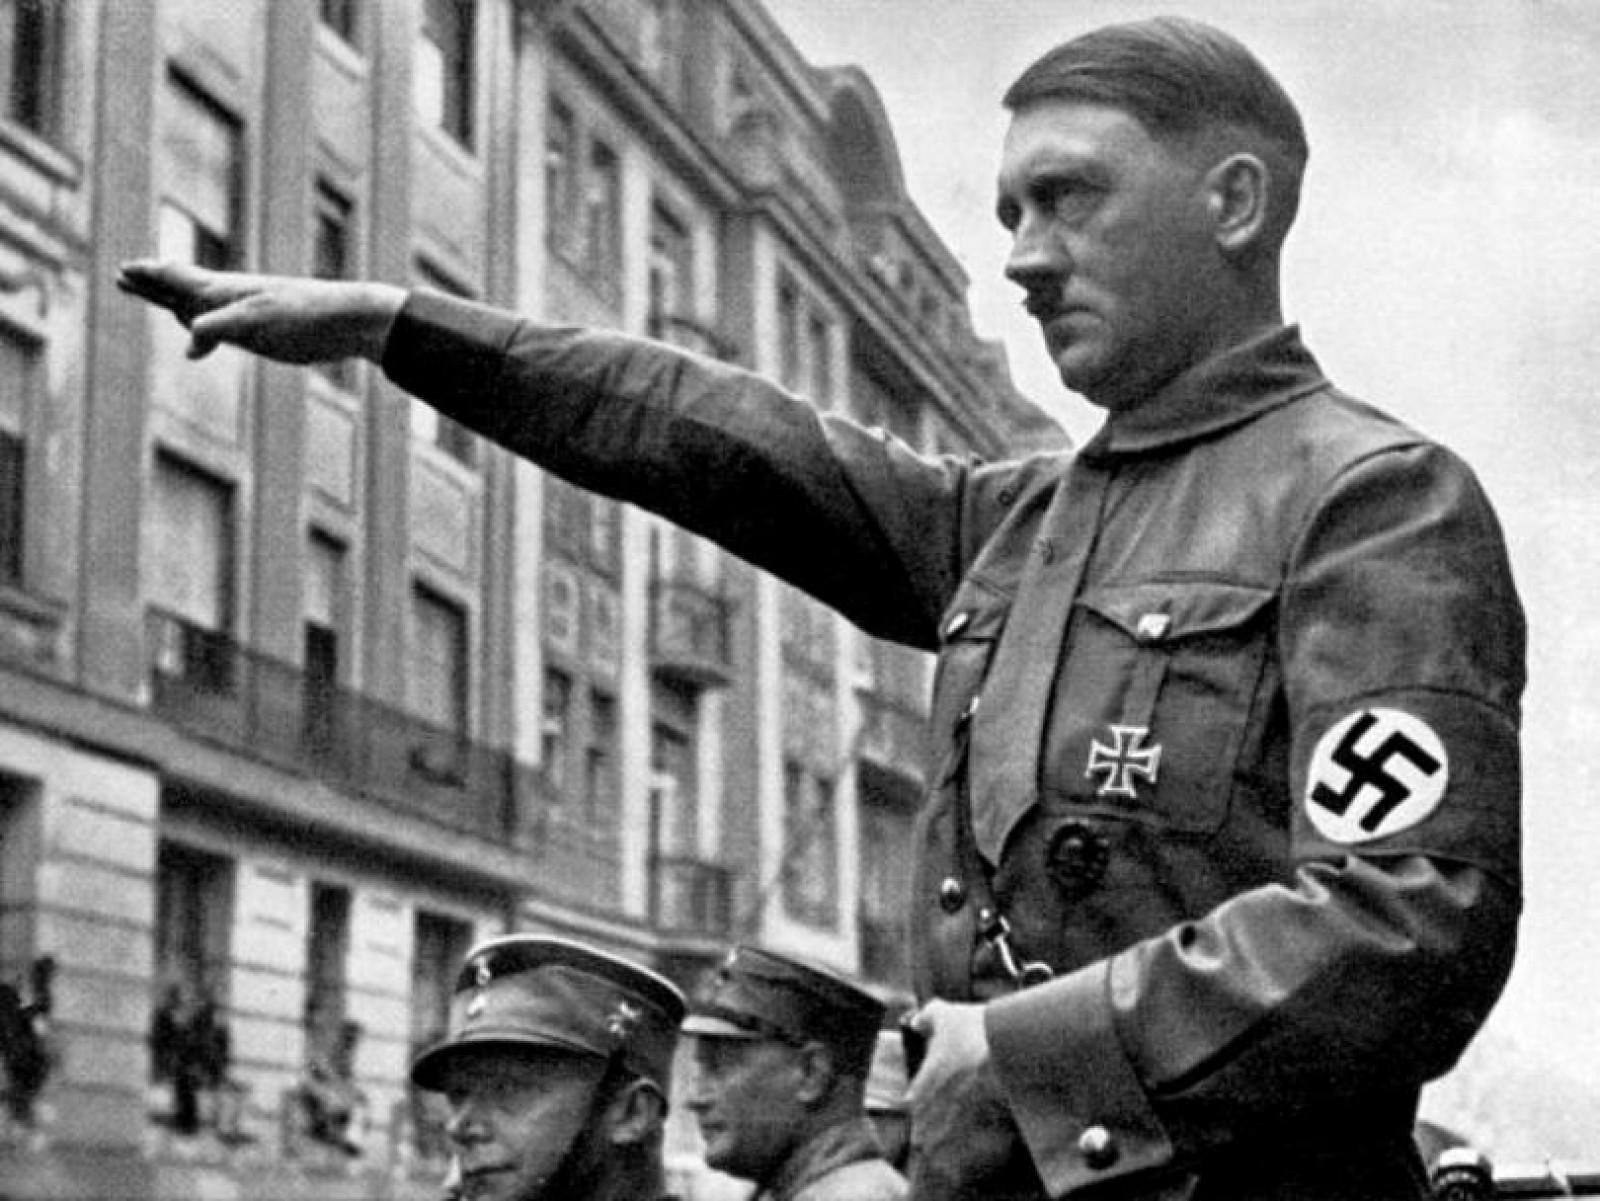 Misterul morții lui Hitler: A luat o doză de cianură și și-a tras un glonț în cap. Cercetătorii au dovedit că a murit în 1945